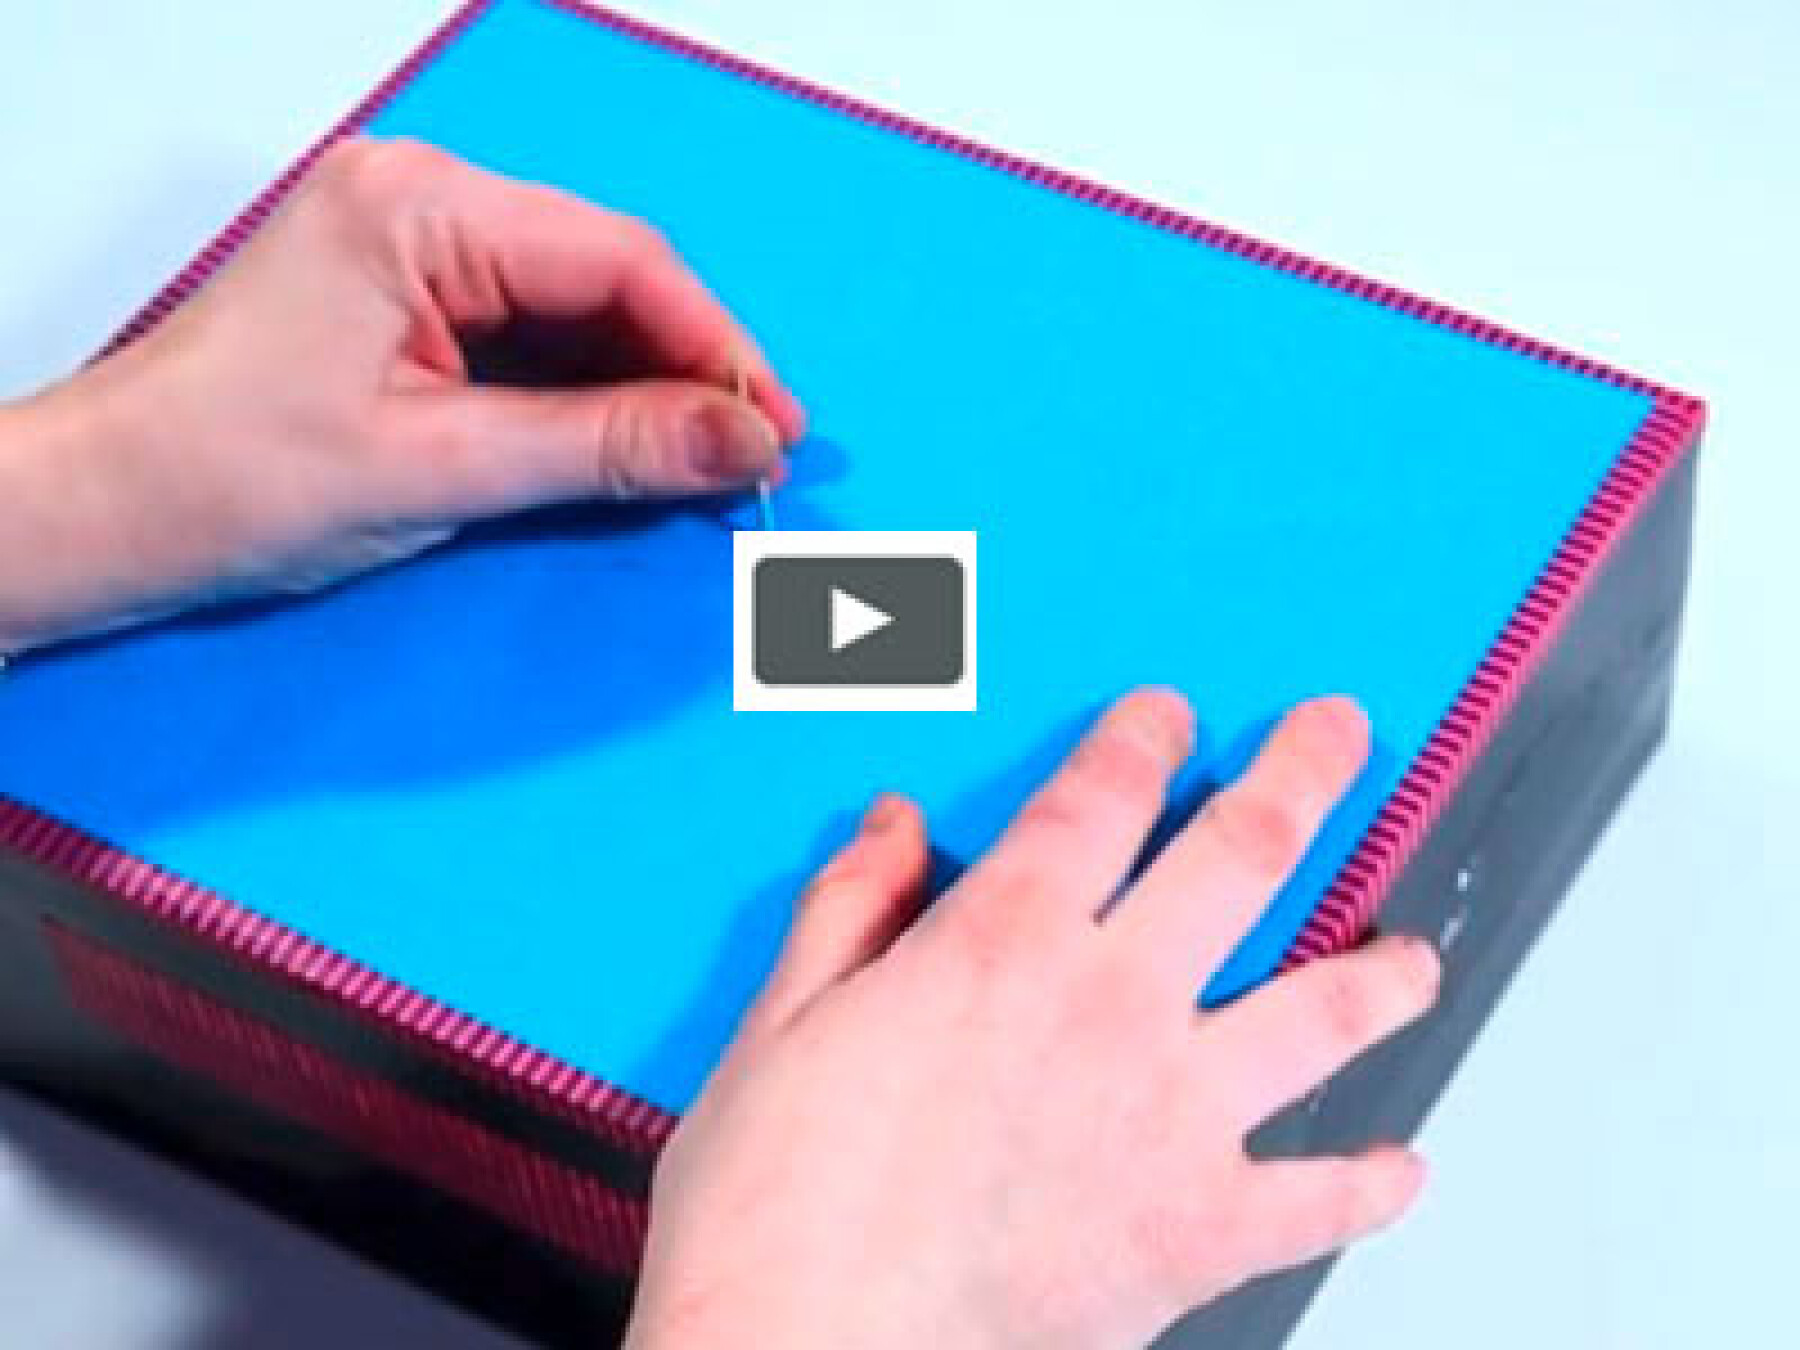 vidéo bricolage boîte à éclipse solaire